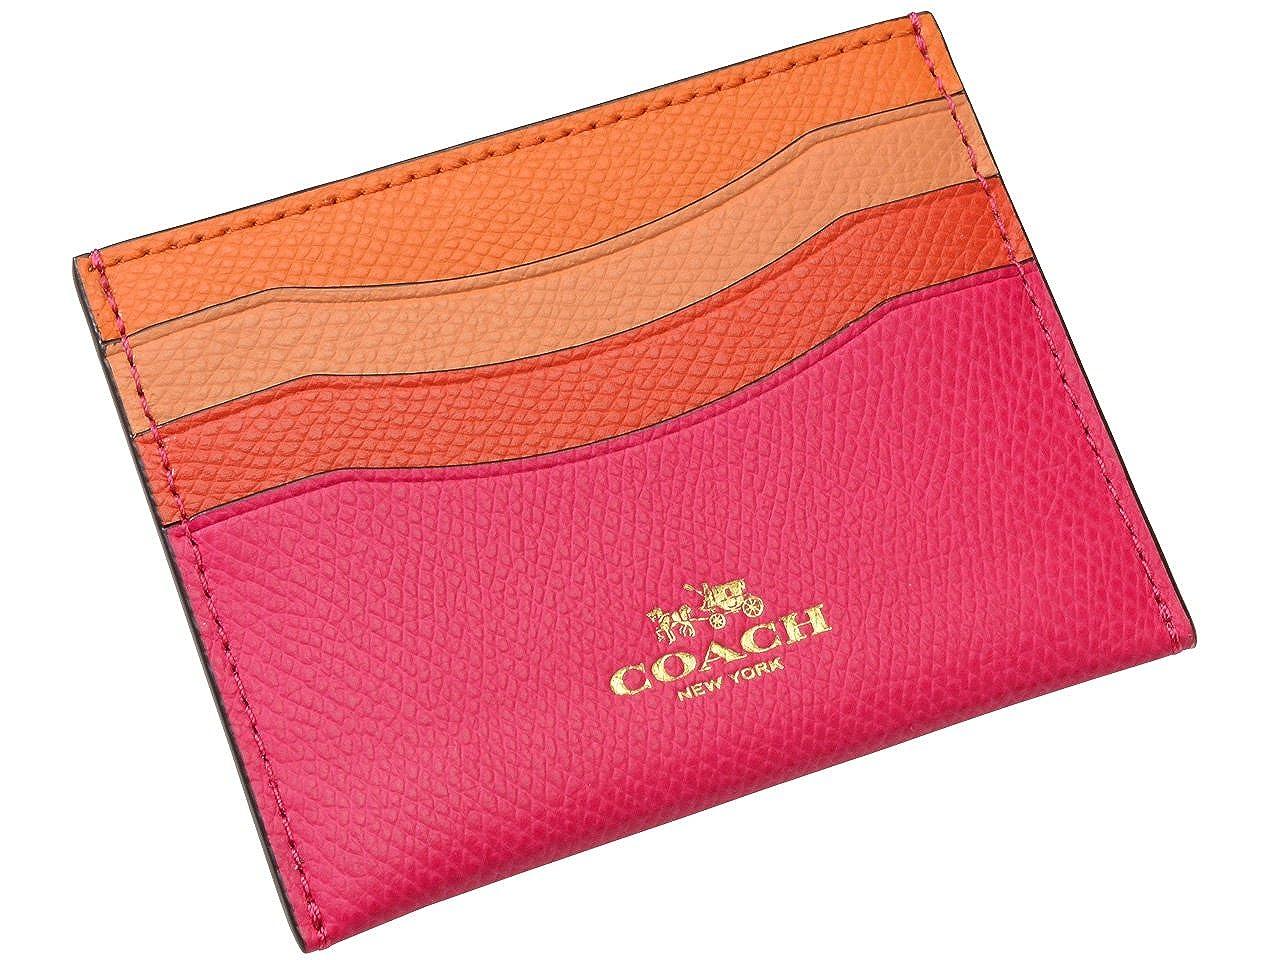 (コーチ) COACH パスケース 定期入れ カードケース レッドパープルマルチ レザー f65527imfui アウトレット ブランド [並行輸入品]   B01KLM3QE8